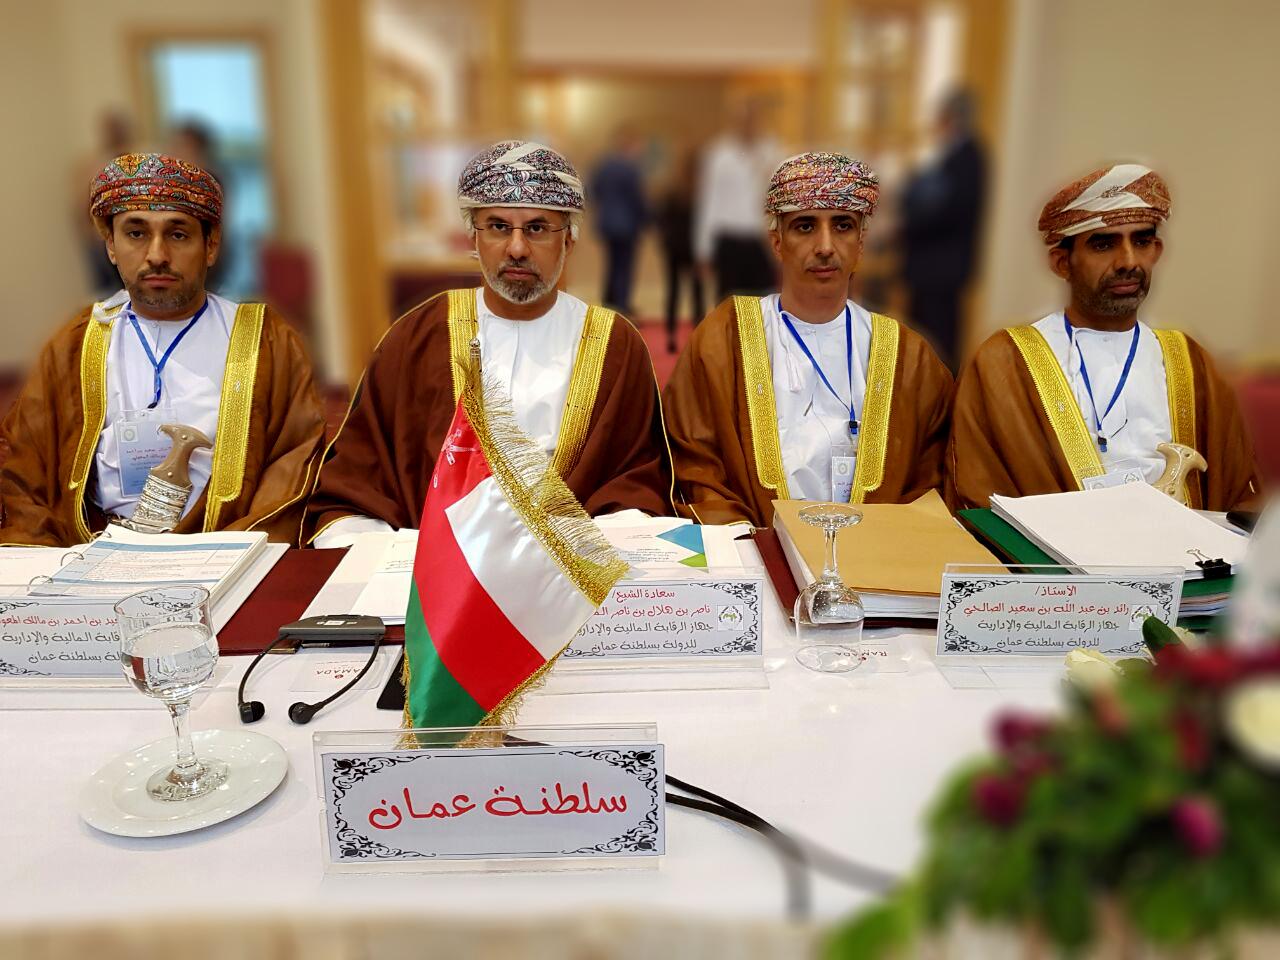 تحيات جلالة السلطان للرئيس التونسي ينقلها رئيس جهاز الرقابة المالية والإدارية للدولة